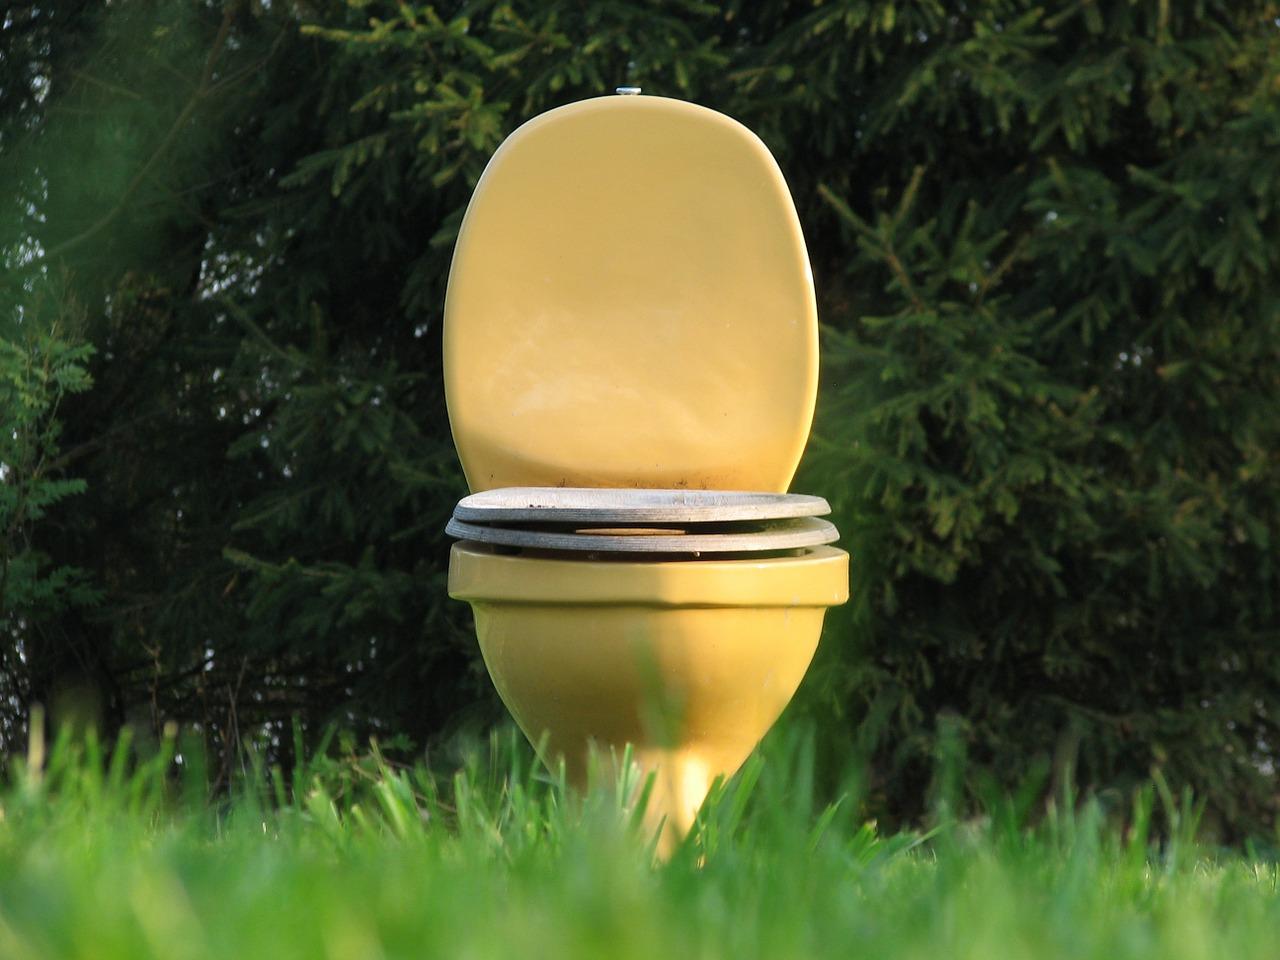 トイレ掃除の頻度で金運や運気が上がっていくの?